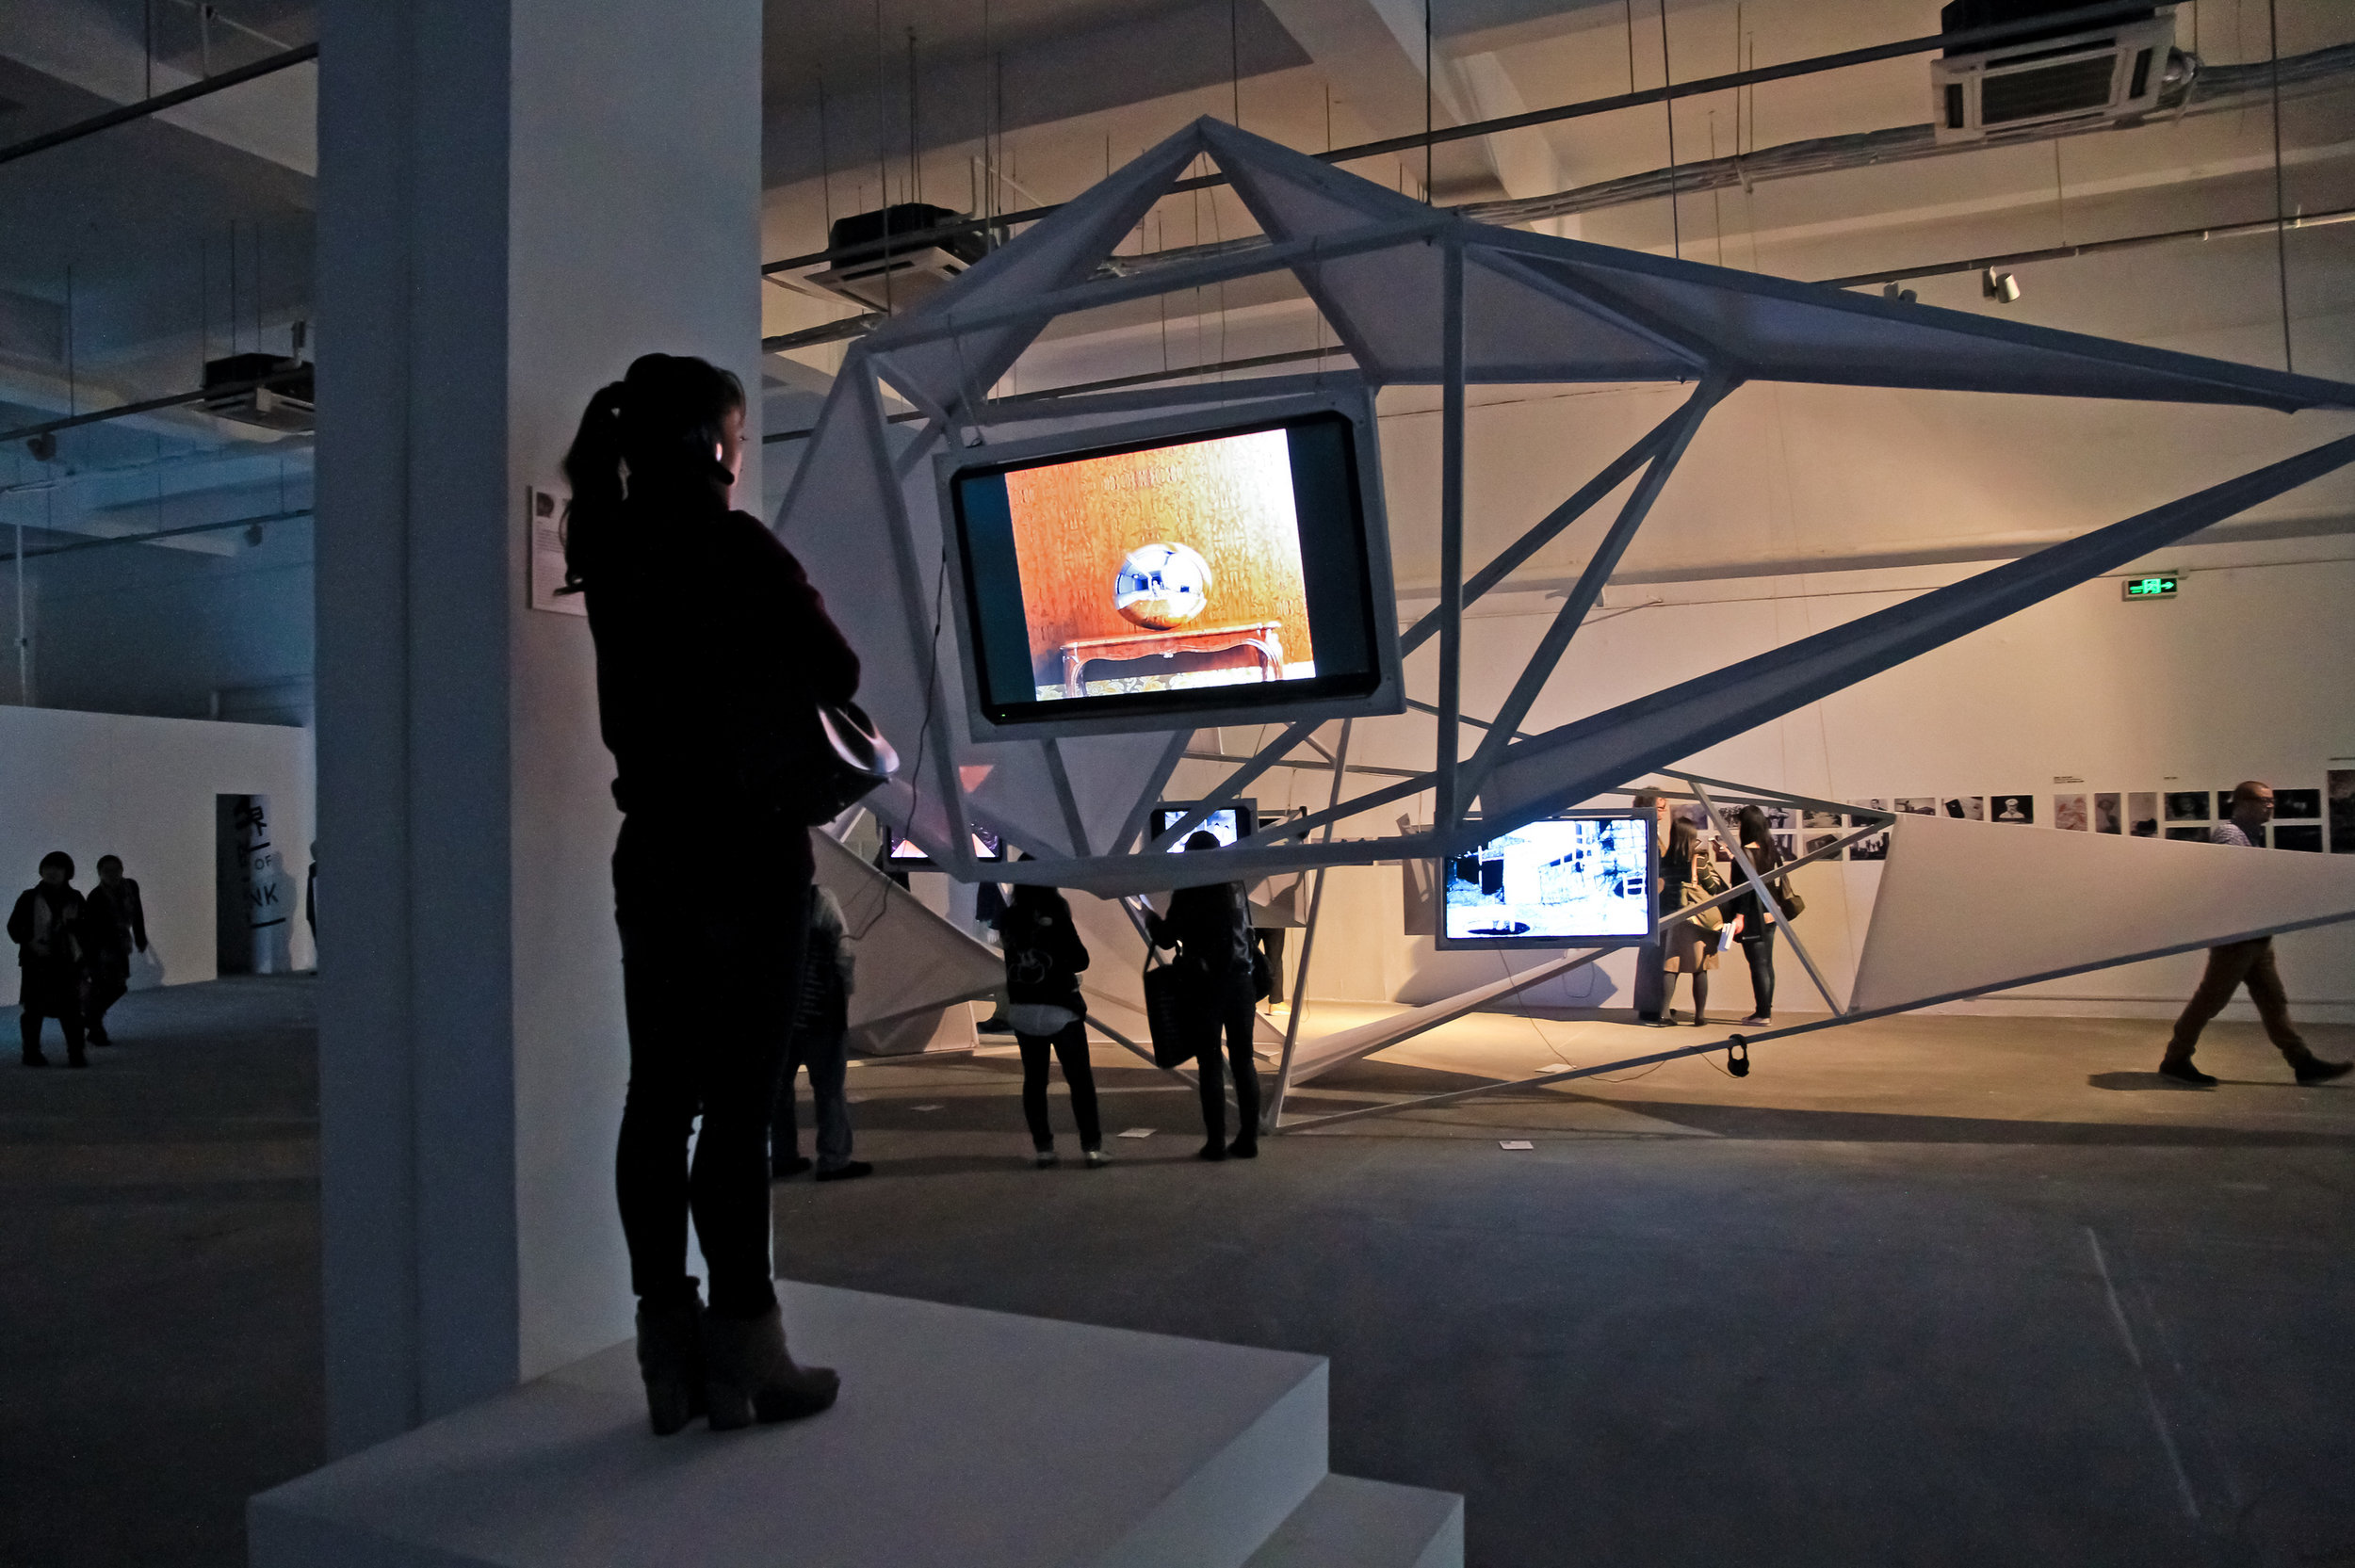 20121222首届深圳独立动画双年展24 欧阳勇 摄影.jpg